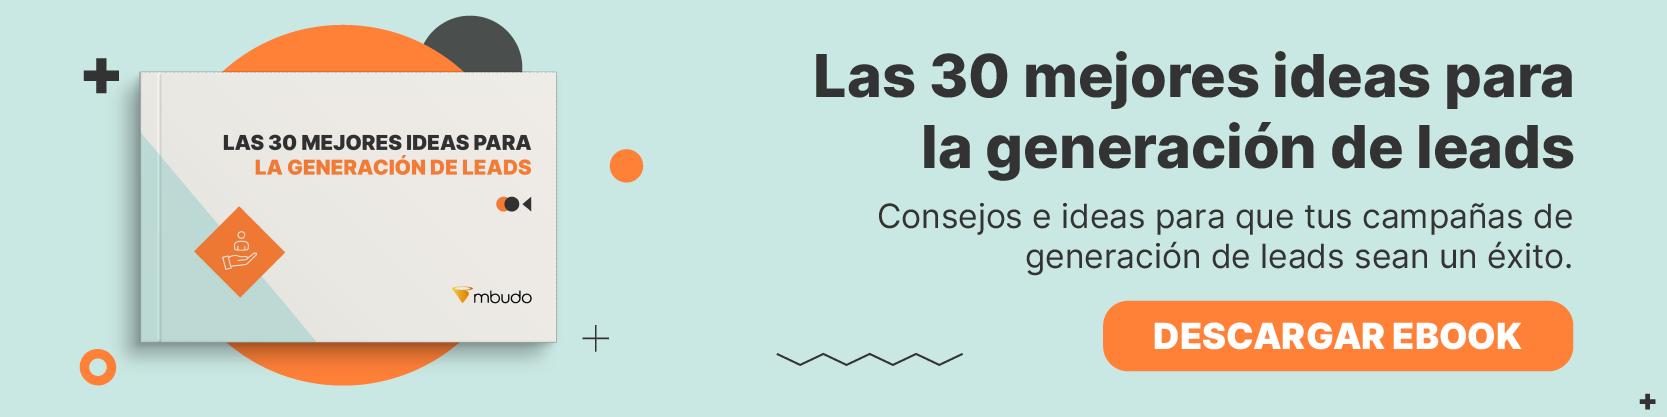 Descargar Auditoría de Inbound Marketing